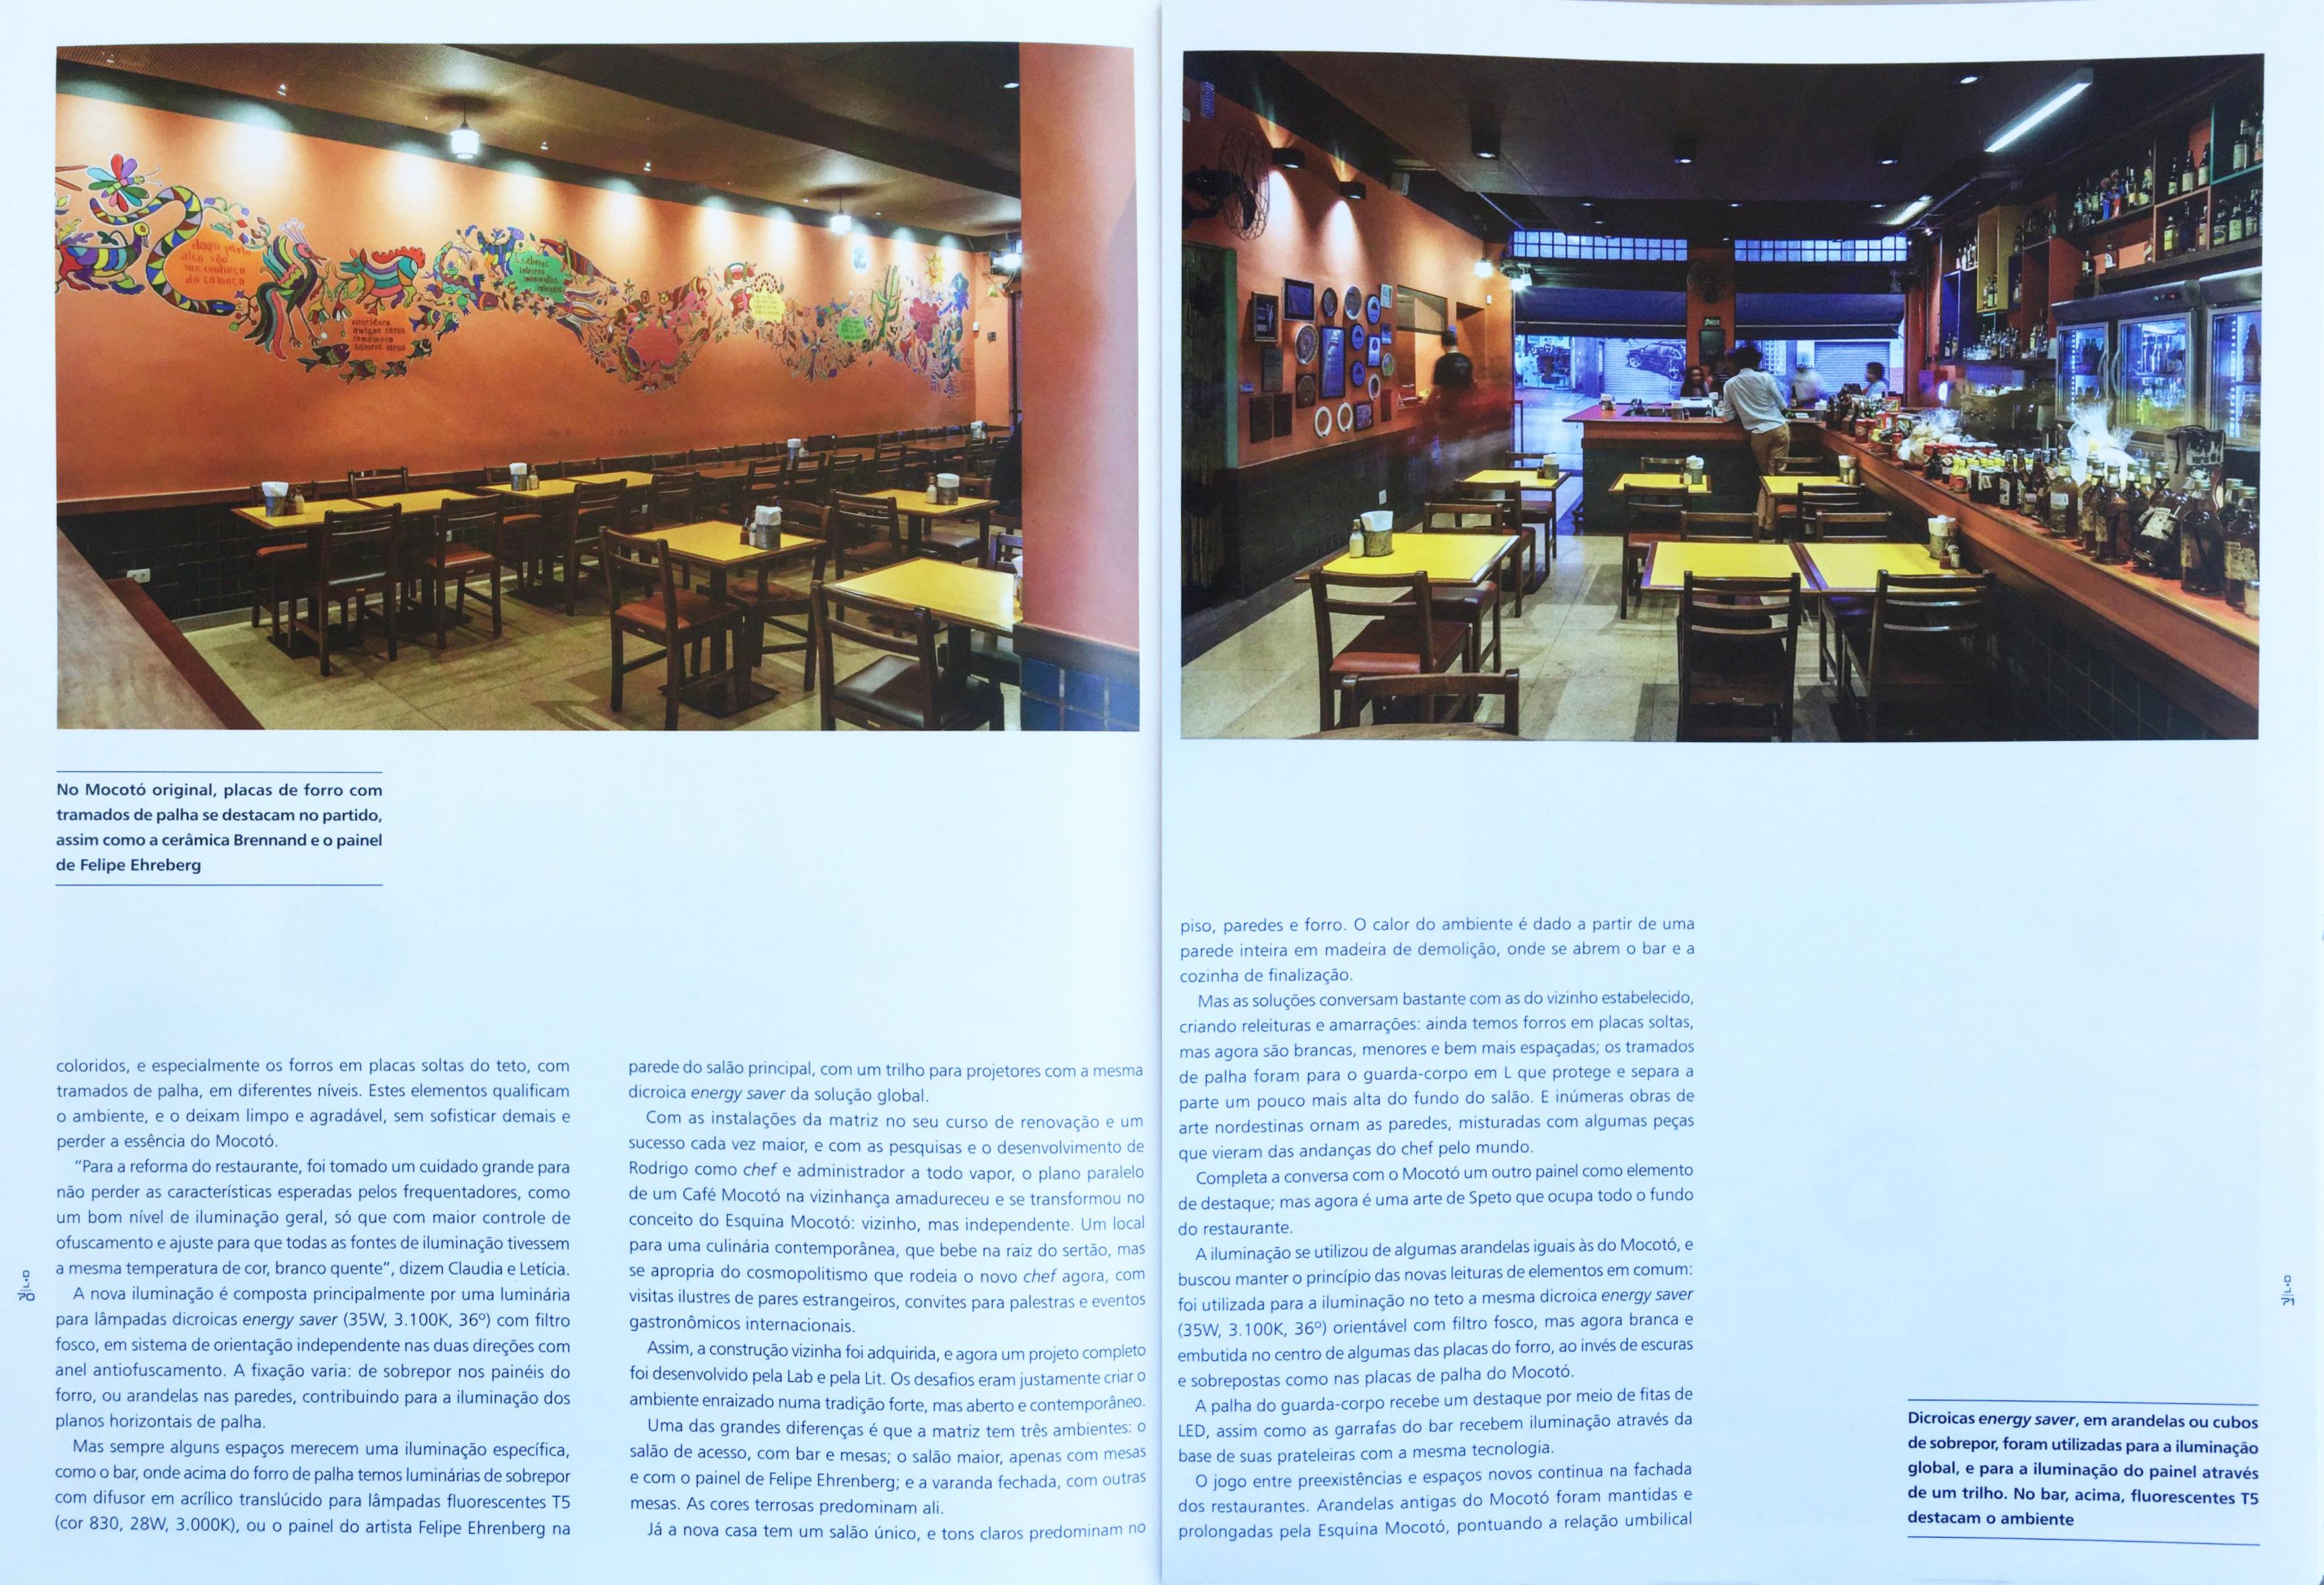 arquitetura-labarquitetos-residencial-publicacao-ld45-02